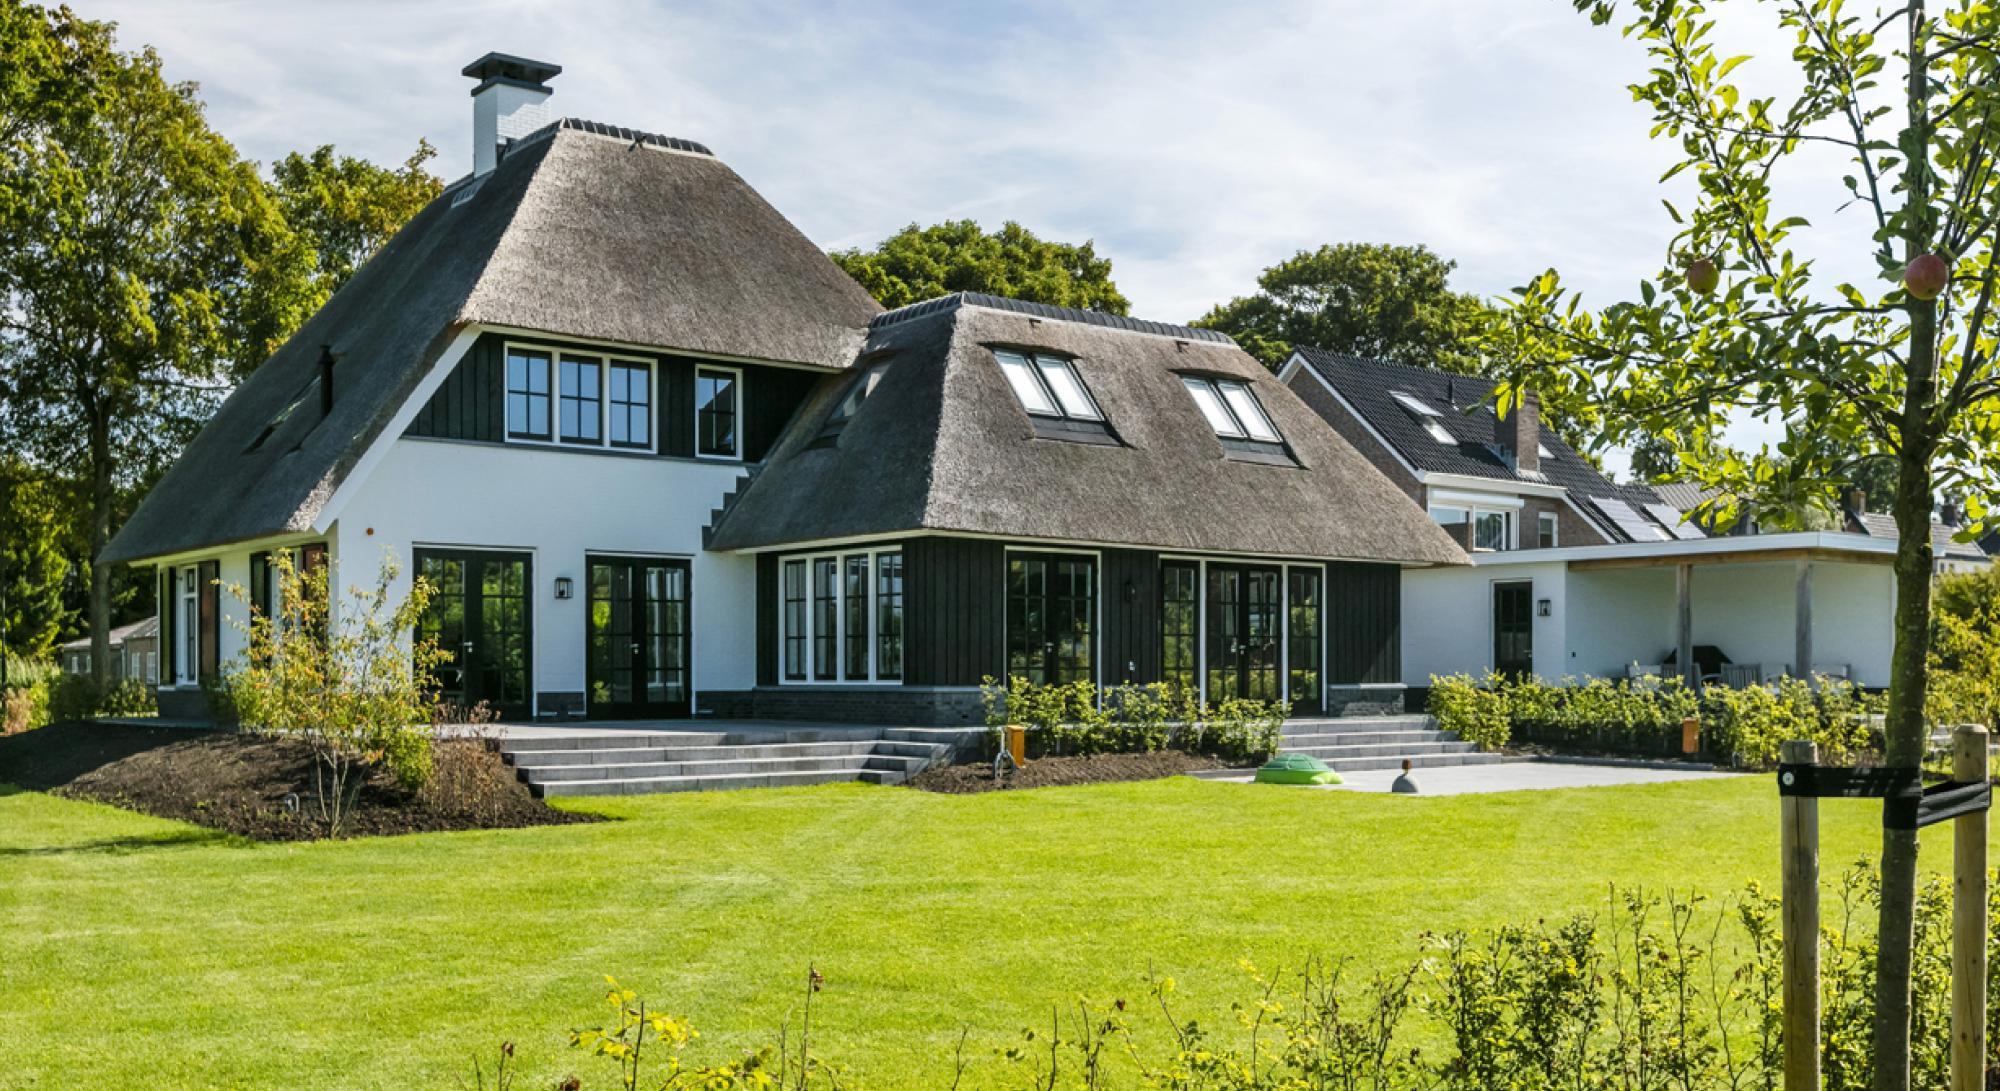 Hovenier huizen rodenburg tuinen for Modern landhuis